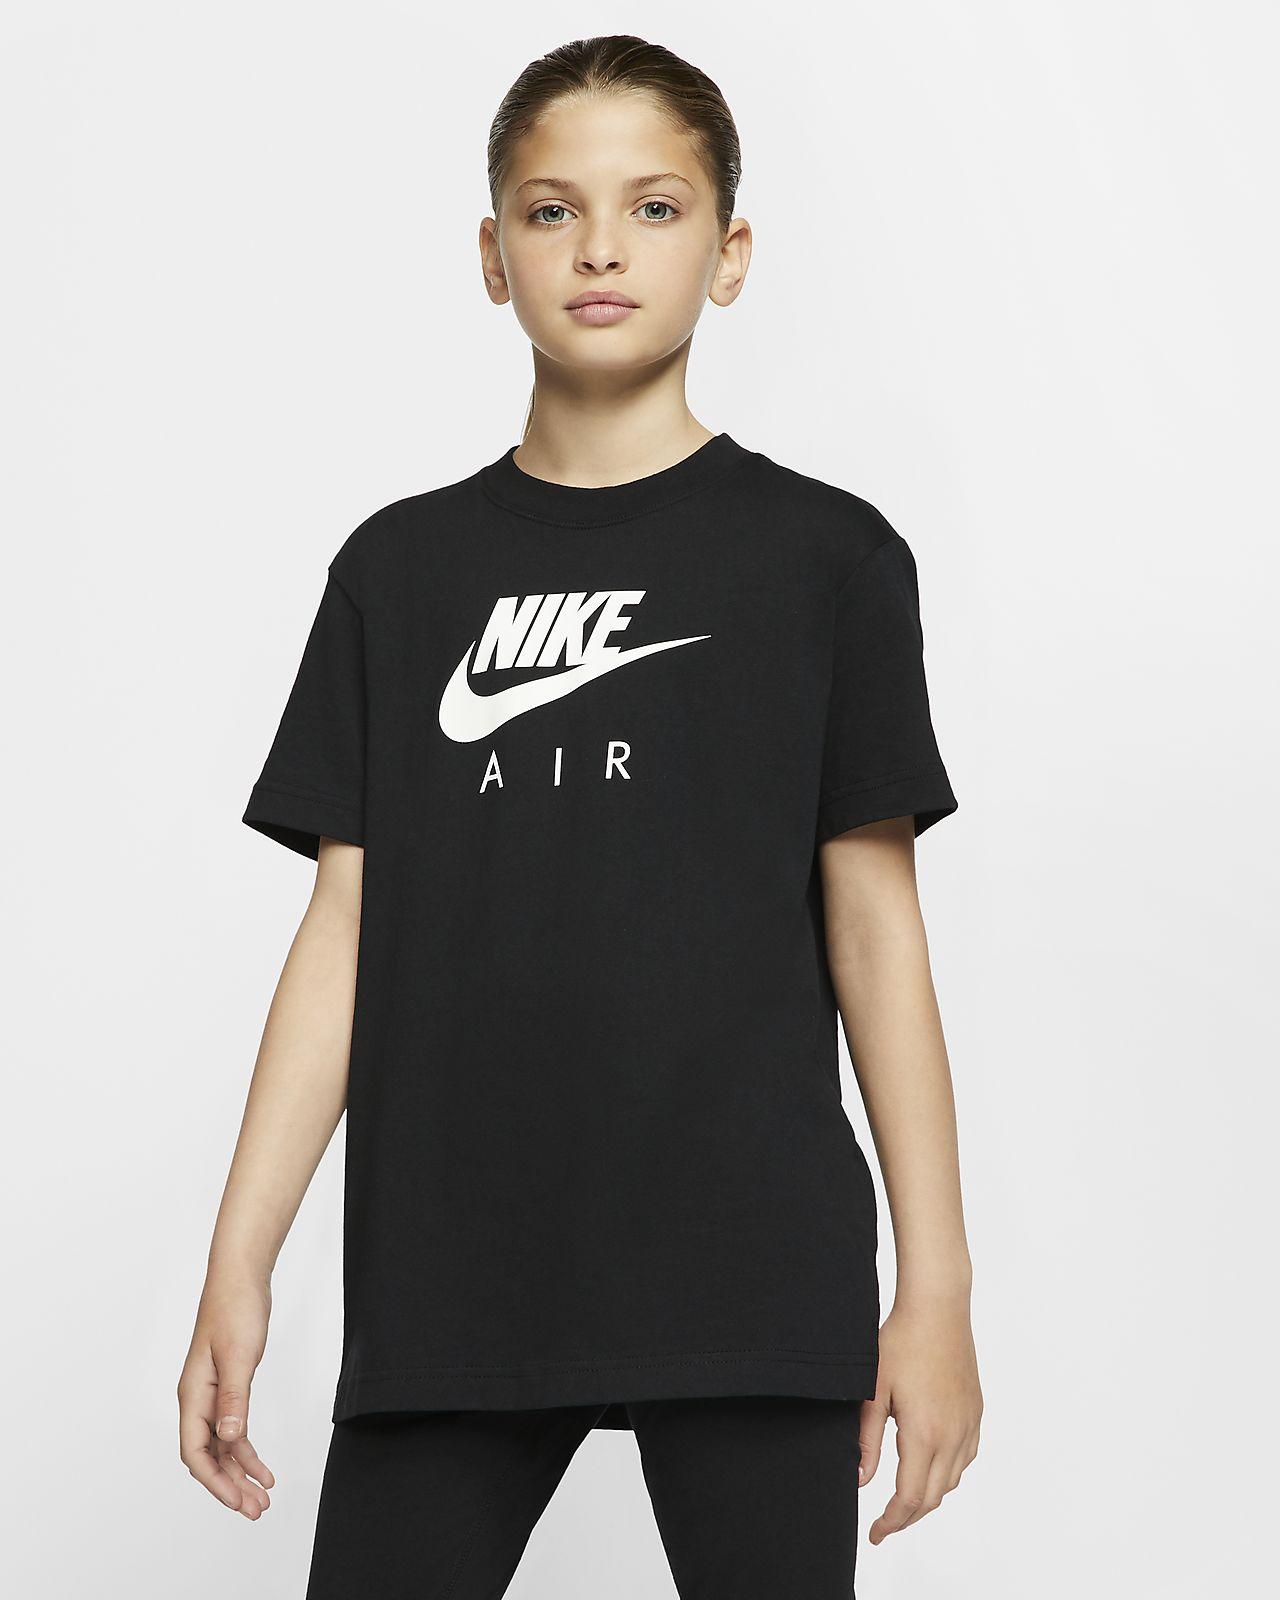 Nike Air Older Kids' (Girls') Cotton T